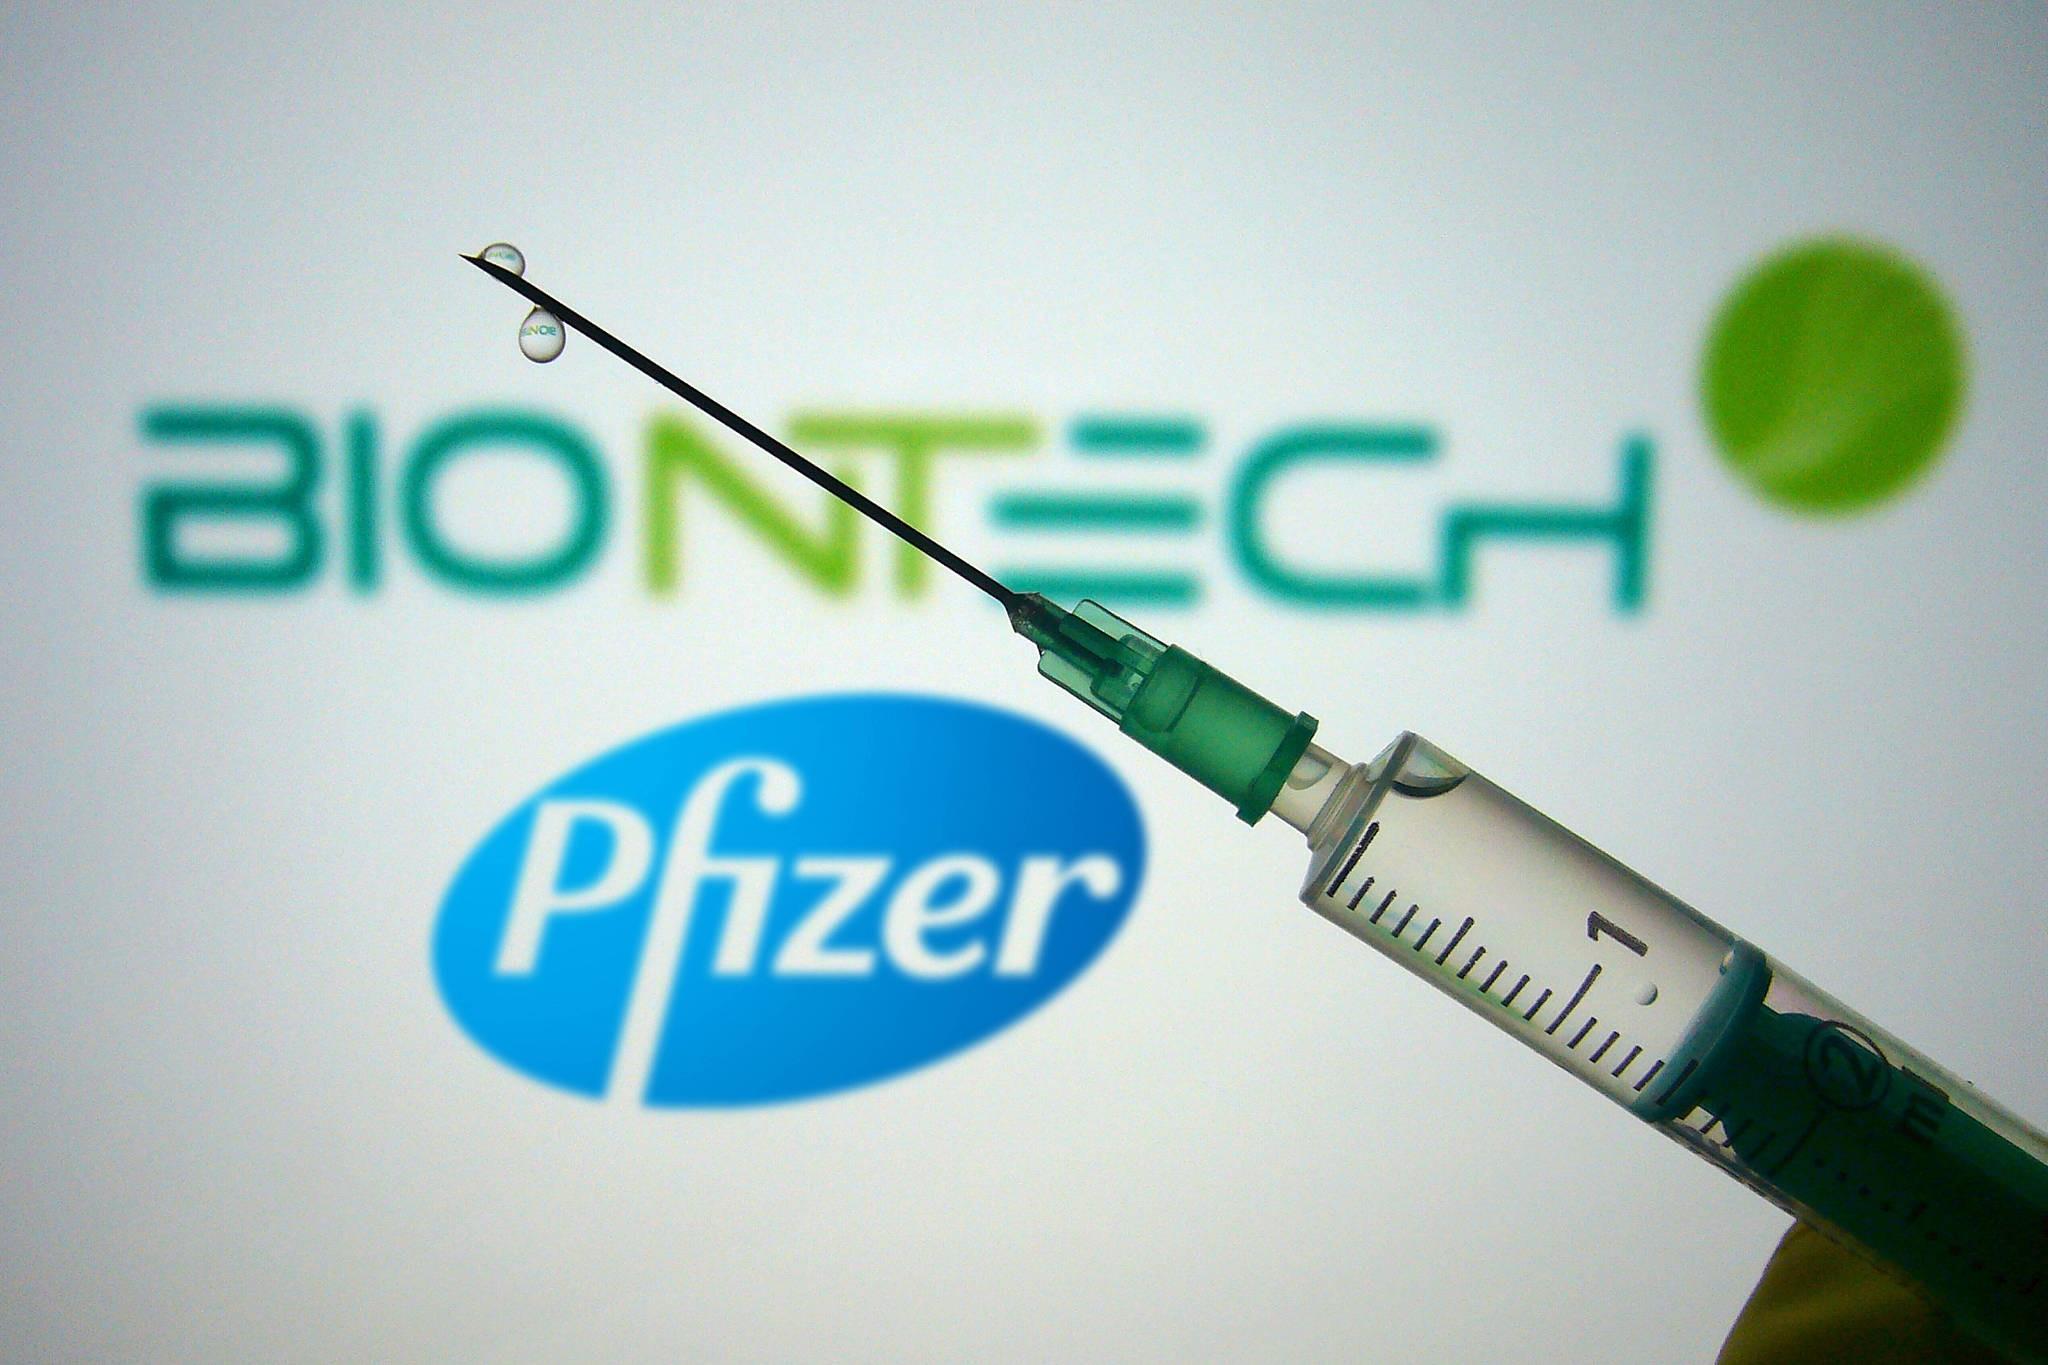 حصة النرويج من لقاح فايزر إلى انخفاض، ووفاة 23 شخصاً بعد تطعيمهم بلقاح فايزر!